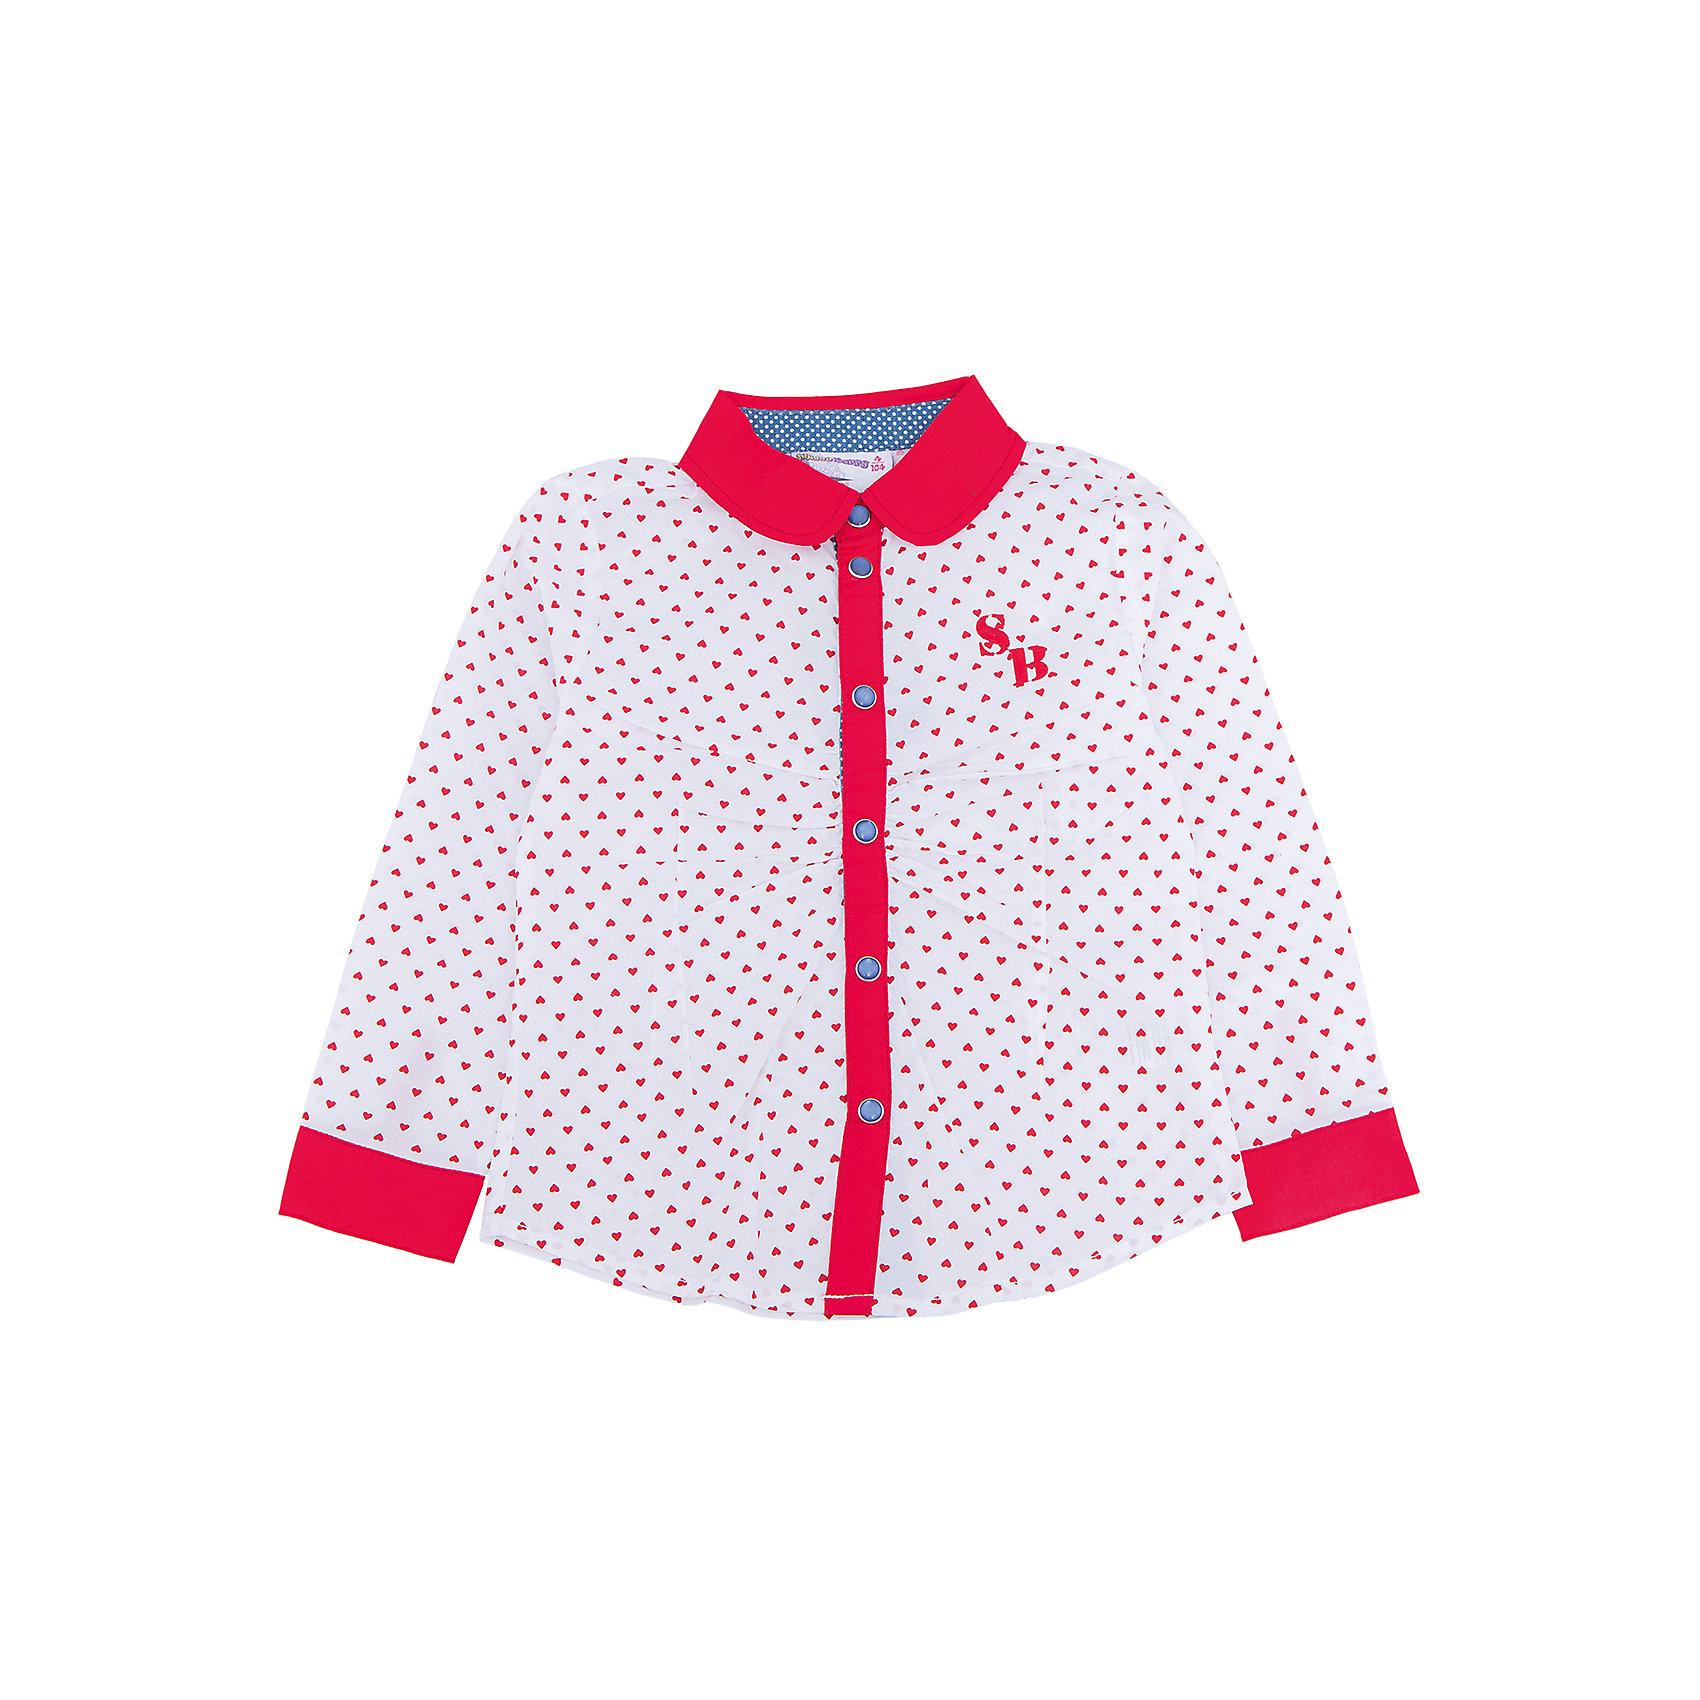 Блузка для девочки Sweet BerryБлузки и рубашки<br>Такая блузка для девочки отличается модным дизайном с ярким принтом. Удачный крой обеспечит ребенку комфорт и тепло. Вещь плотно прилегает к телу там, где нужно, и отлично сидит по фигуре. Декорирована защипами на полочке.<br>Одежда от бренда Sweet Berry - это простой и выгодный способ одеть ребенка удобно и стильно. Всё изделия тщательно проработаны: швы - прочные, материал - качественный, фурнитура - подобранная специально для детей. <br><br>Дополнительная информация:<br><br>цвет: красный;<br>материал: 100% хлопок;<br>застежки: кнопки.<br><br>Блузку для девочки от бренда Sweet Berry можно купить в нашем интернет-магазине.<br><br>Ширина мм: 186<br>Глубина мм: 87<br>Высота мм: 198<br>Вес г: 197<br>Цвет: красный<br>Возраст от месяцев: 24<br>Возраст до месяцев: 36<br>Пол: Женский<br>Возраст: Детский<br>Размер: 98,104,110,116,122,128<br>SKU: 4931511